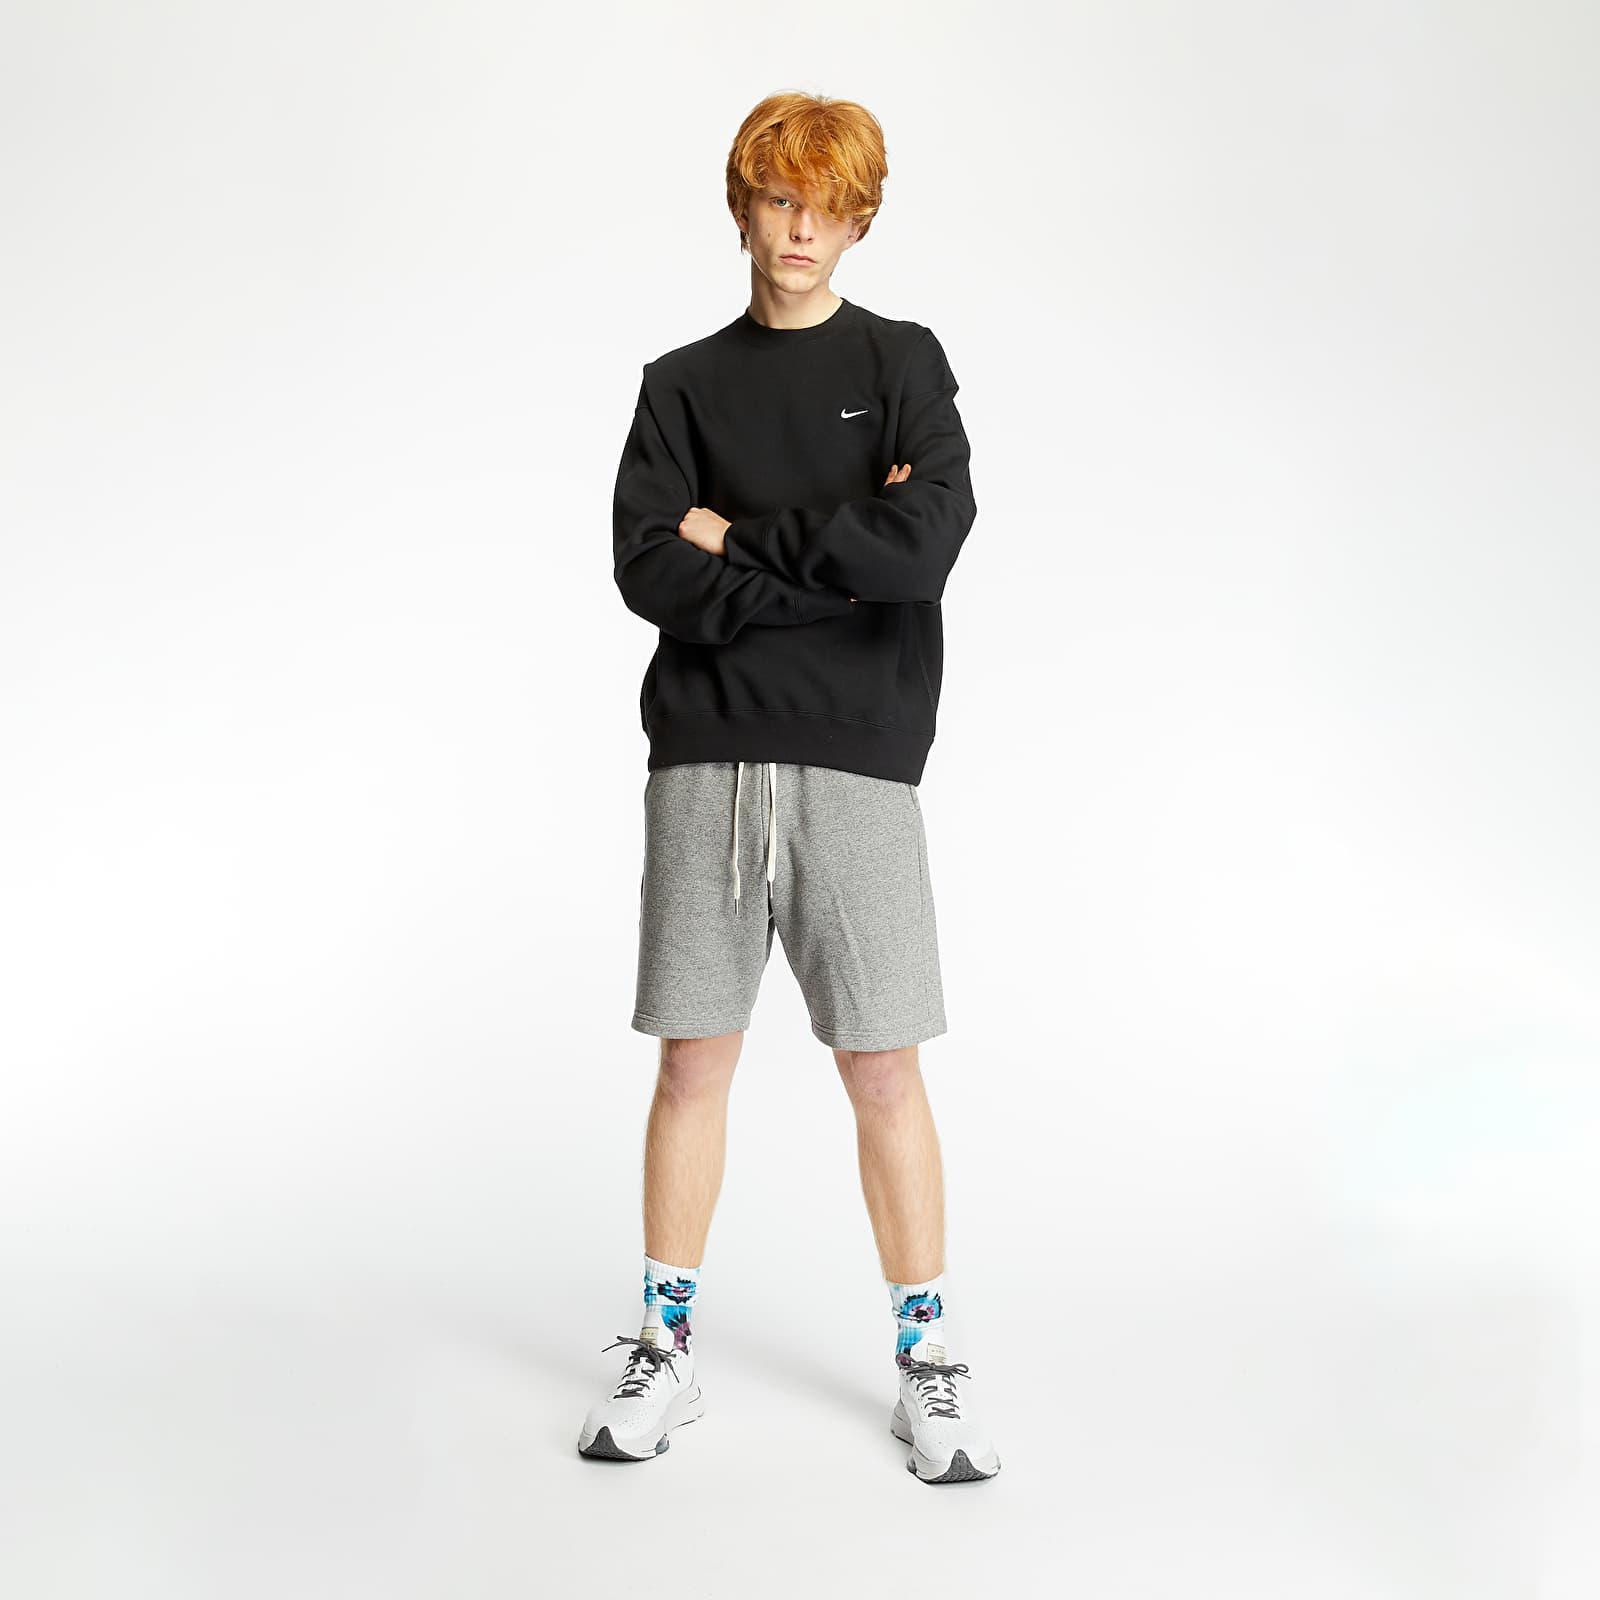 Sweatshirts Nike NRG Fleece Crewneck Black